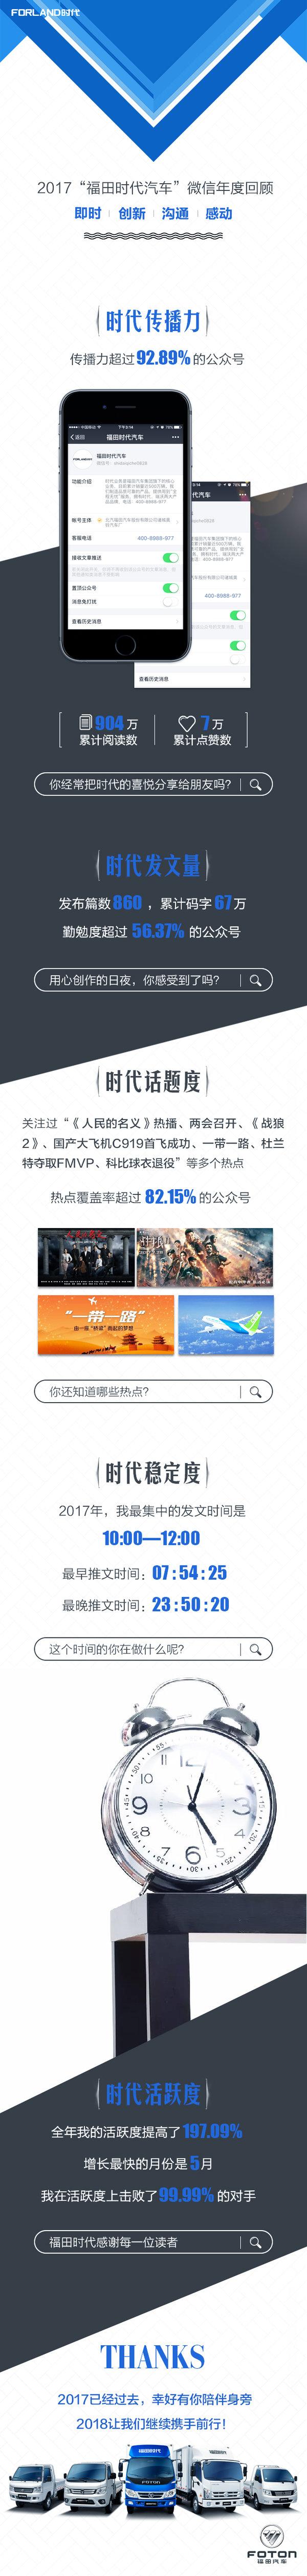 2017年福田时代微信公众号内部数据曝光